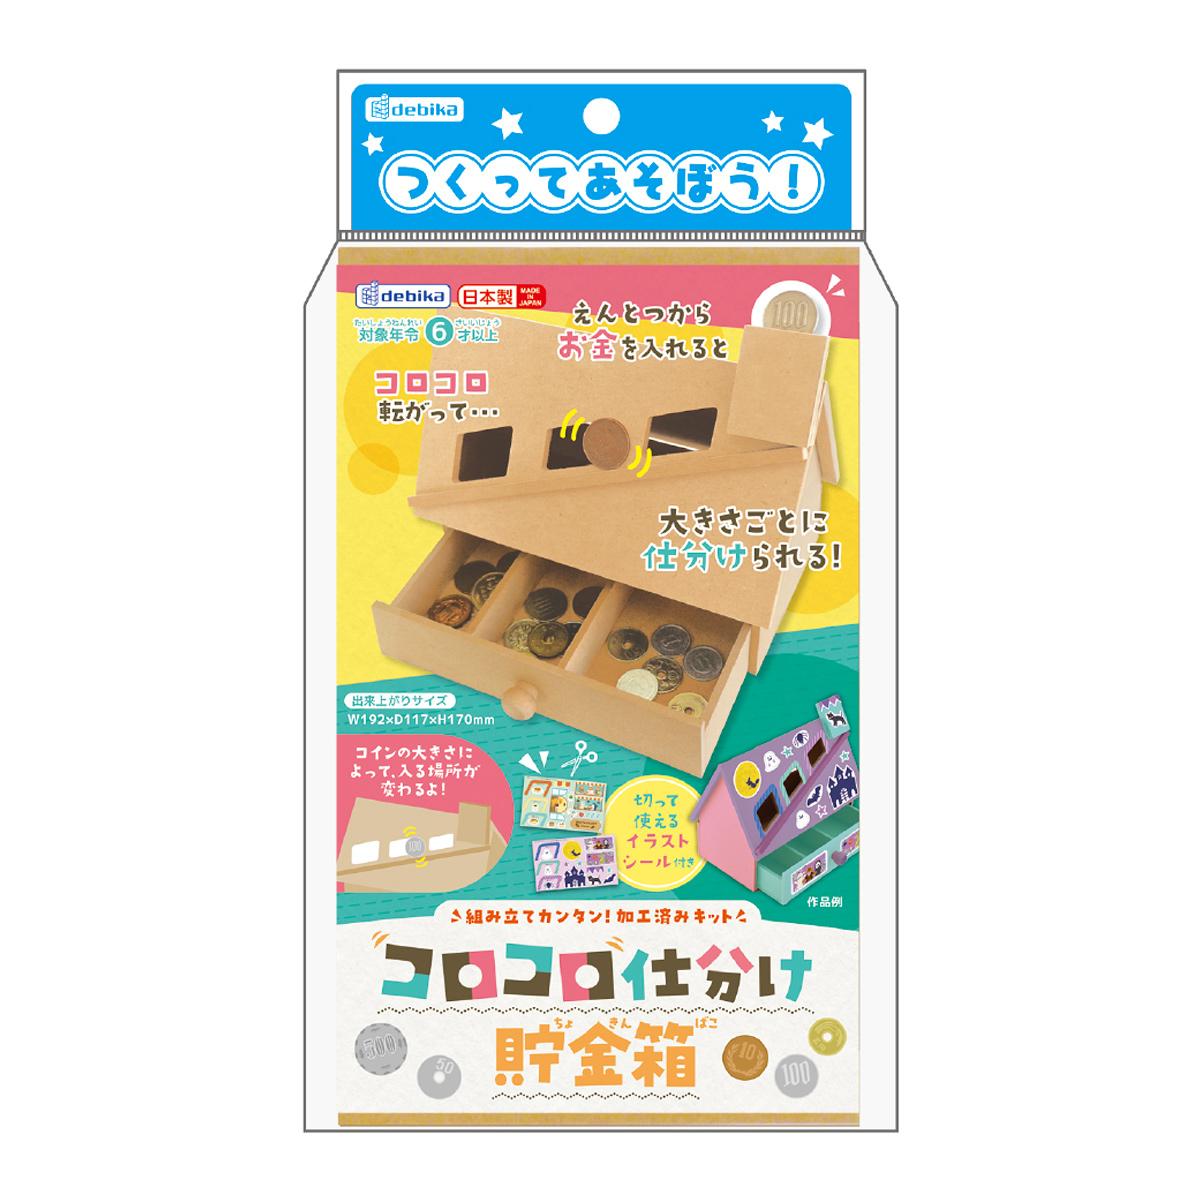 貯金箱 キット 木工 コロコロ仕分け貯金箱 夏休み 自由研究 小学生 低学年 工作 手作り 木のおもちゃ